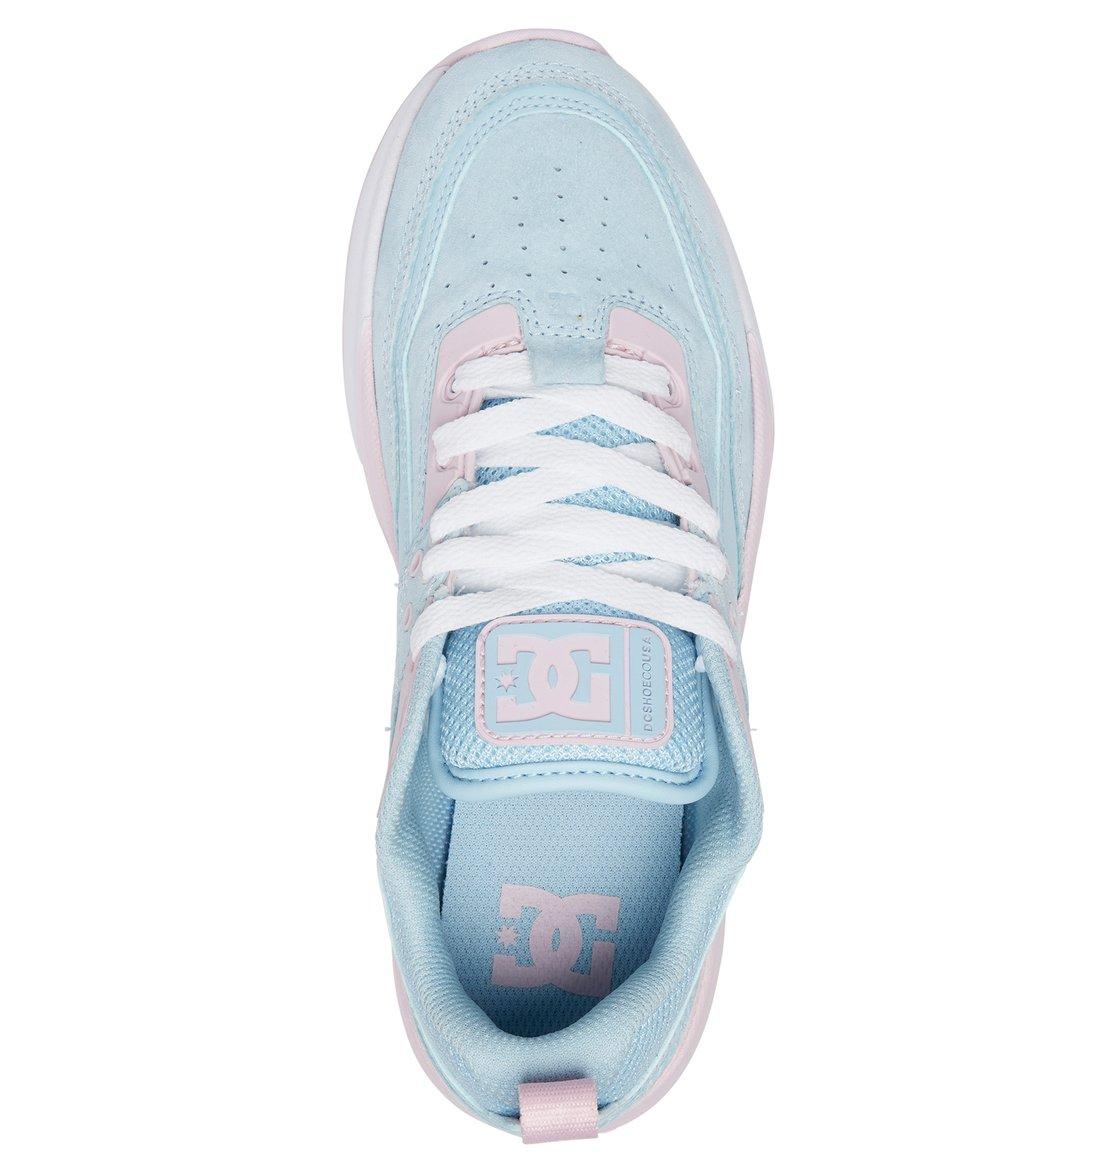 Adjs200015 Shoes™ Women E Details Shoes About Dc tribeka Se For OXPkZiuT